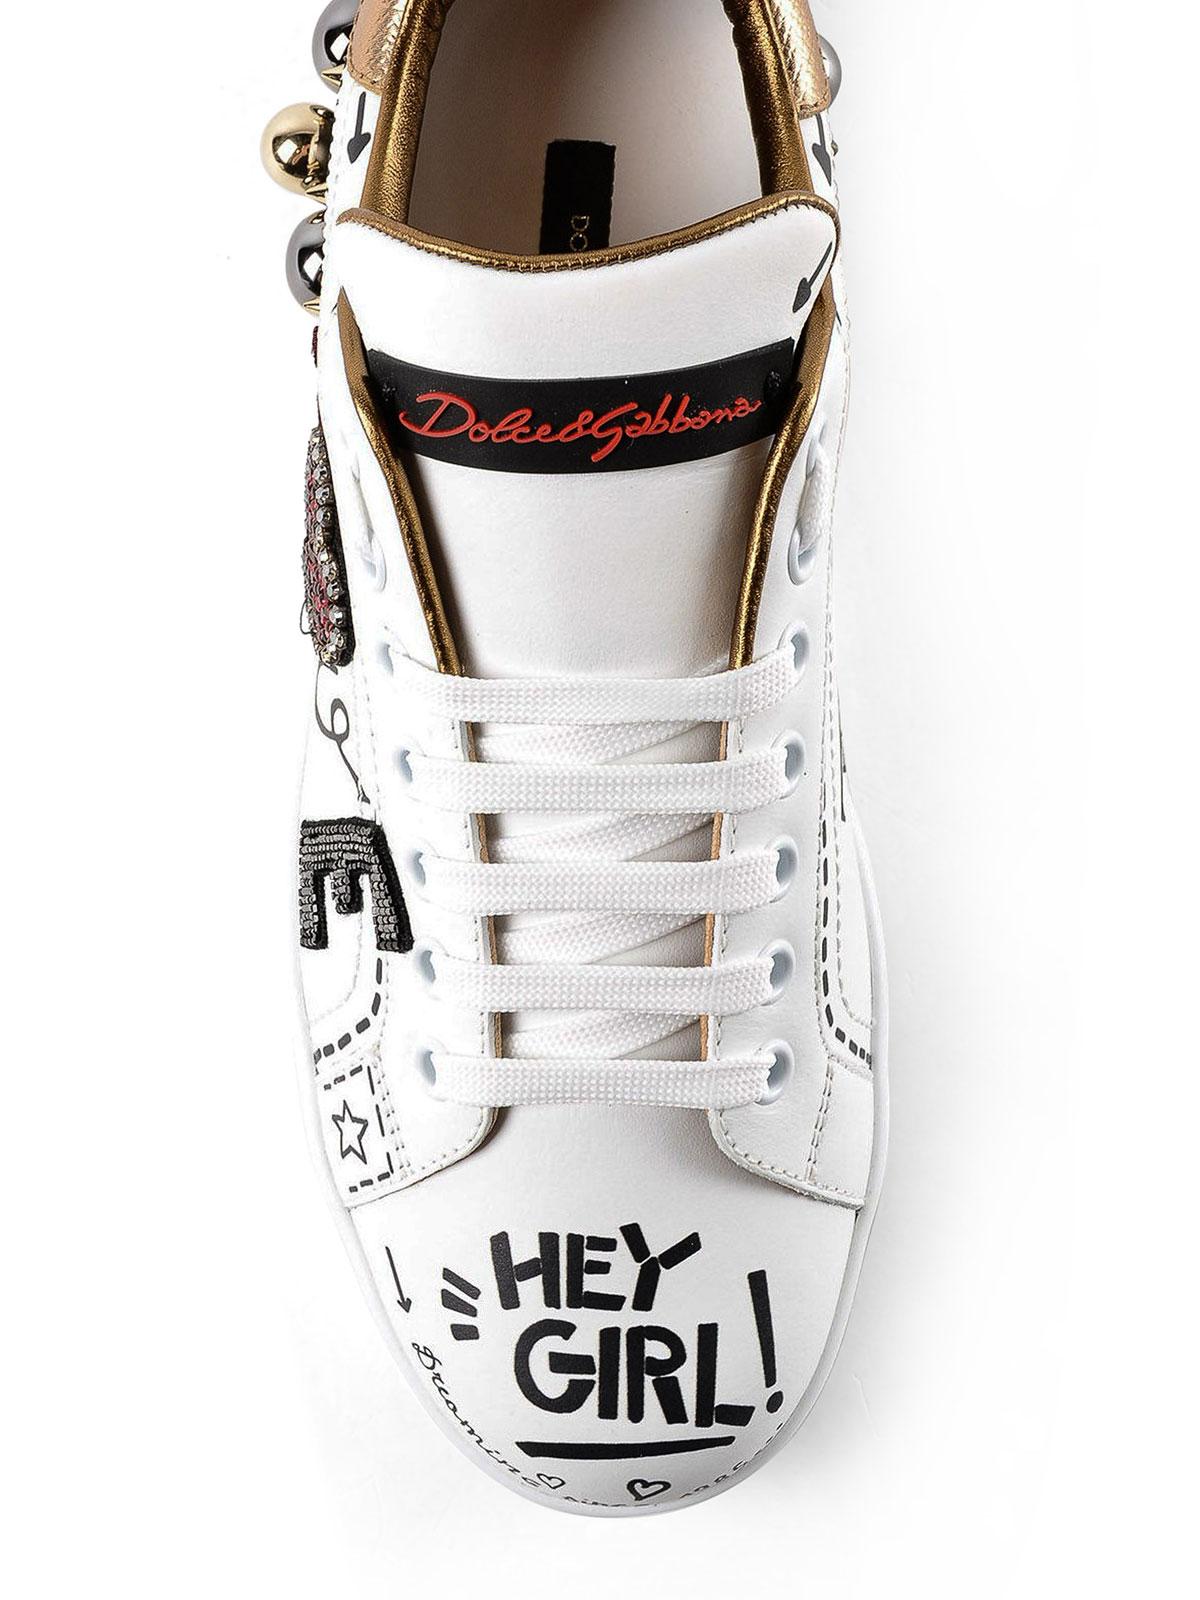 Dolce \u0026 Gabbana - Portofino studded and